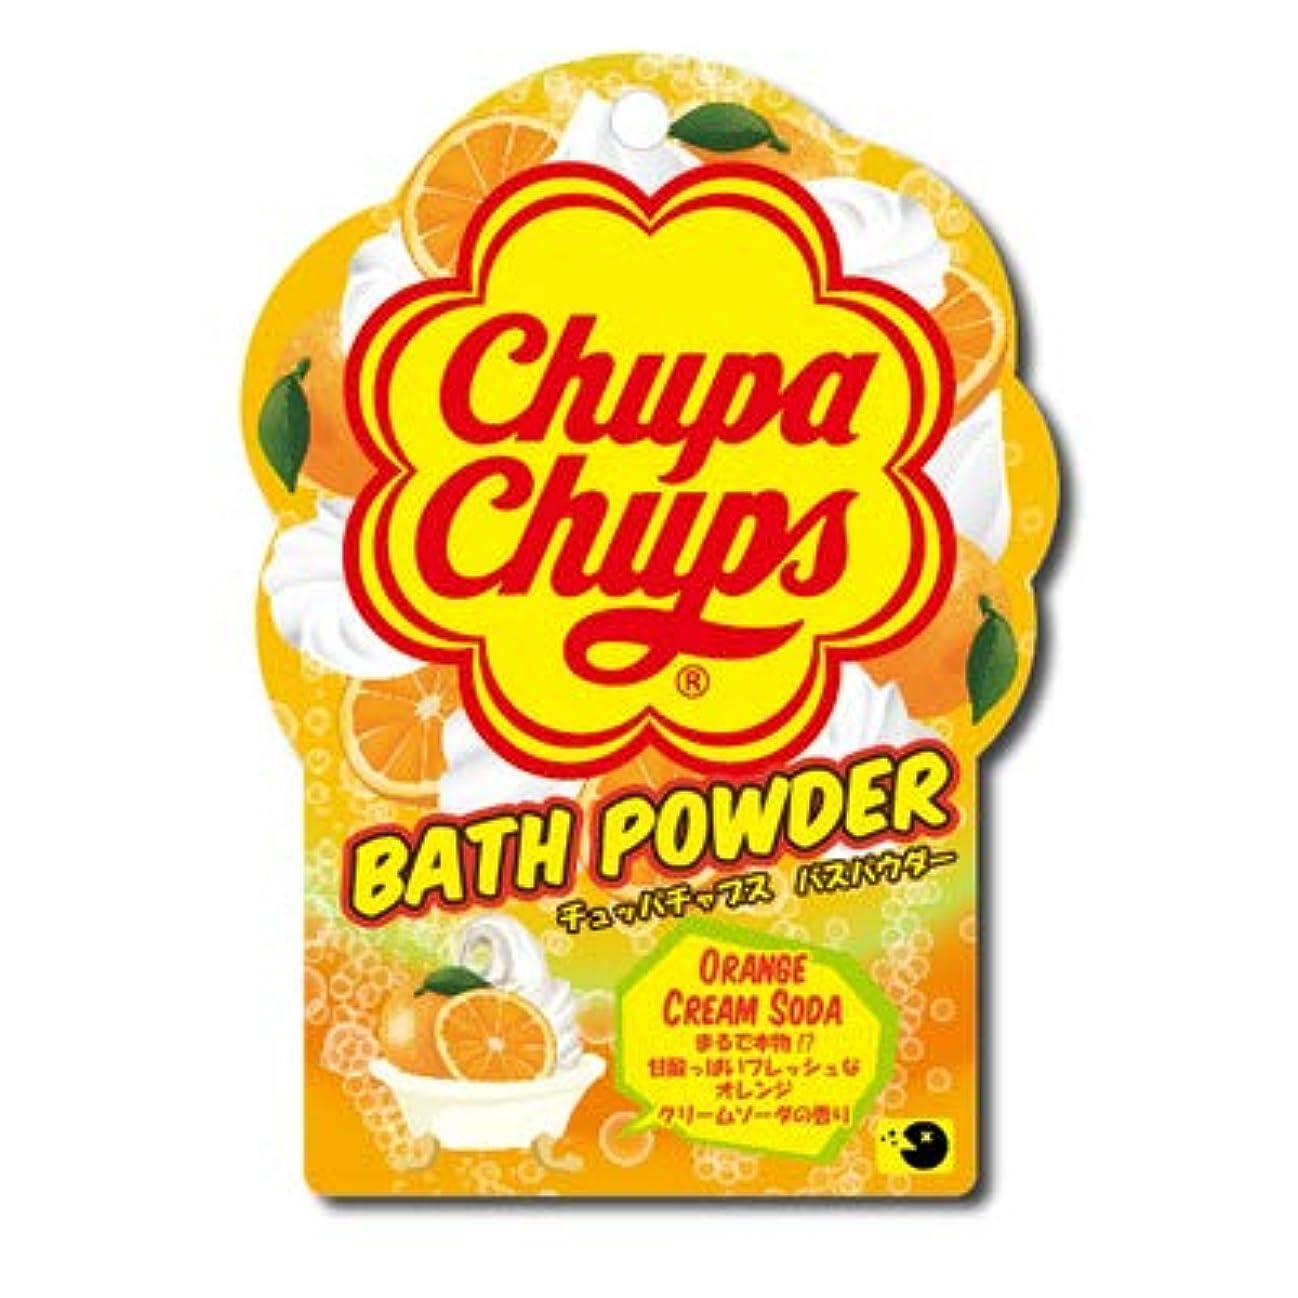 触手憂鬱なサイト【まとめ買い3個セット】 チュッパチャプスバスパウダー オレンジクリームソーダ